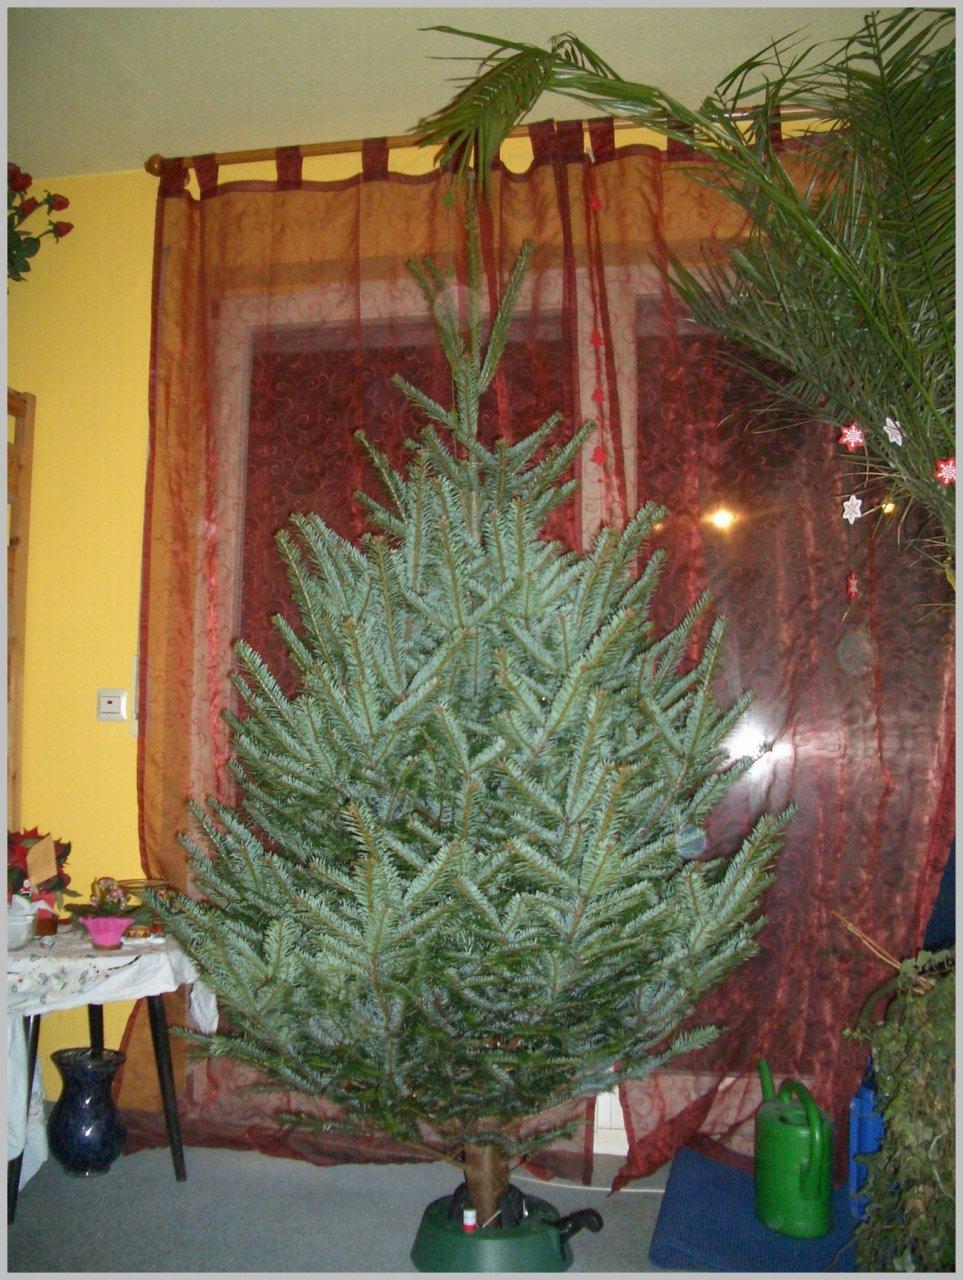 201012_Weihnachtsbaum001